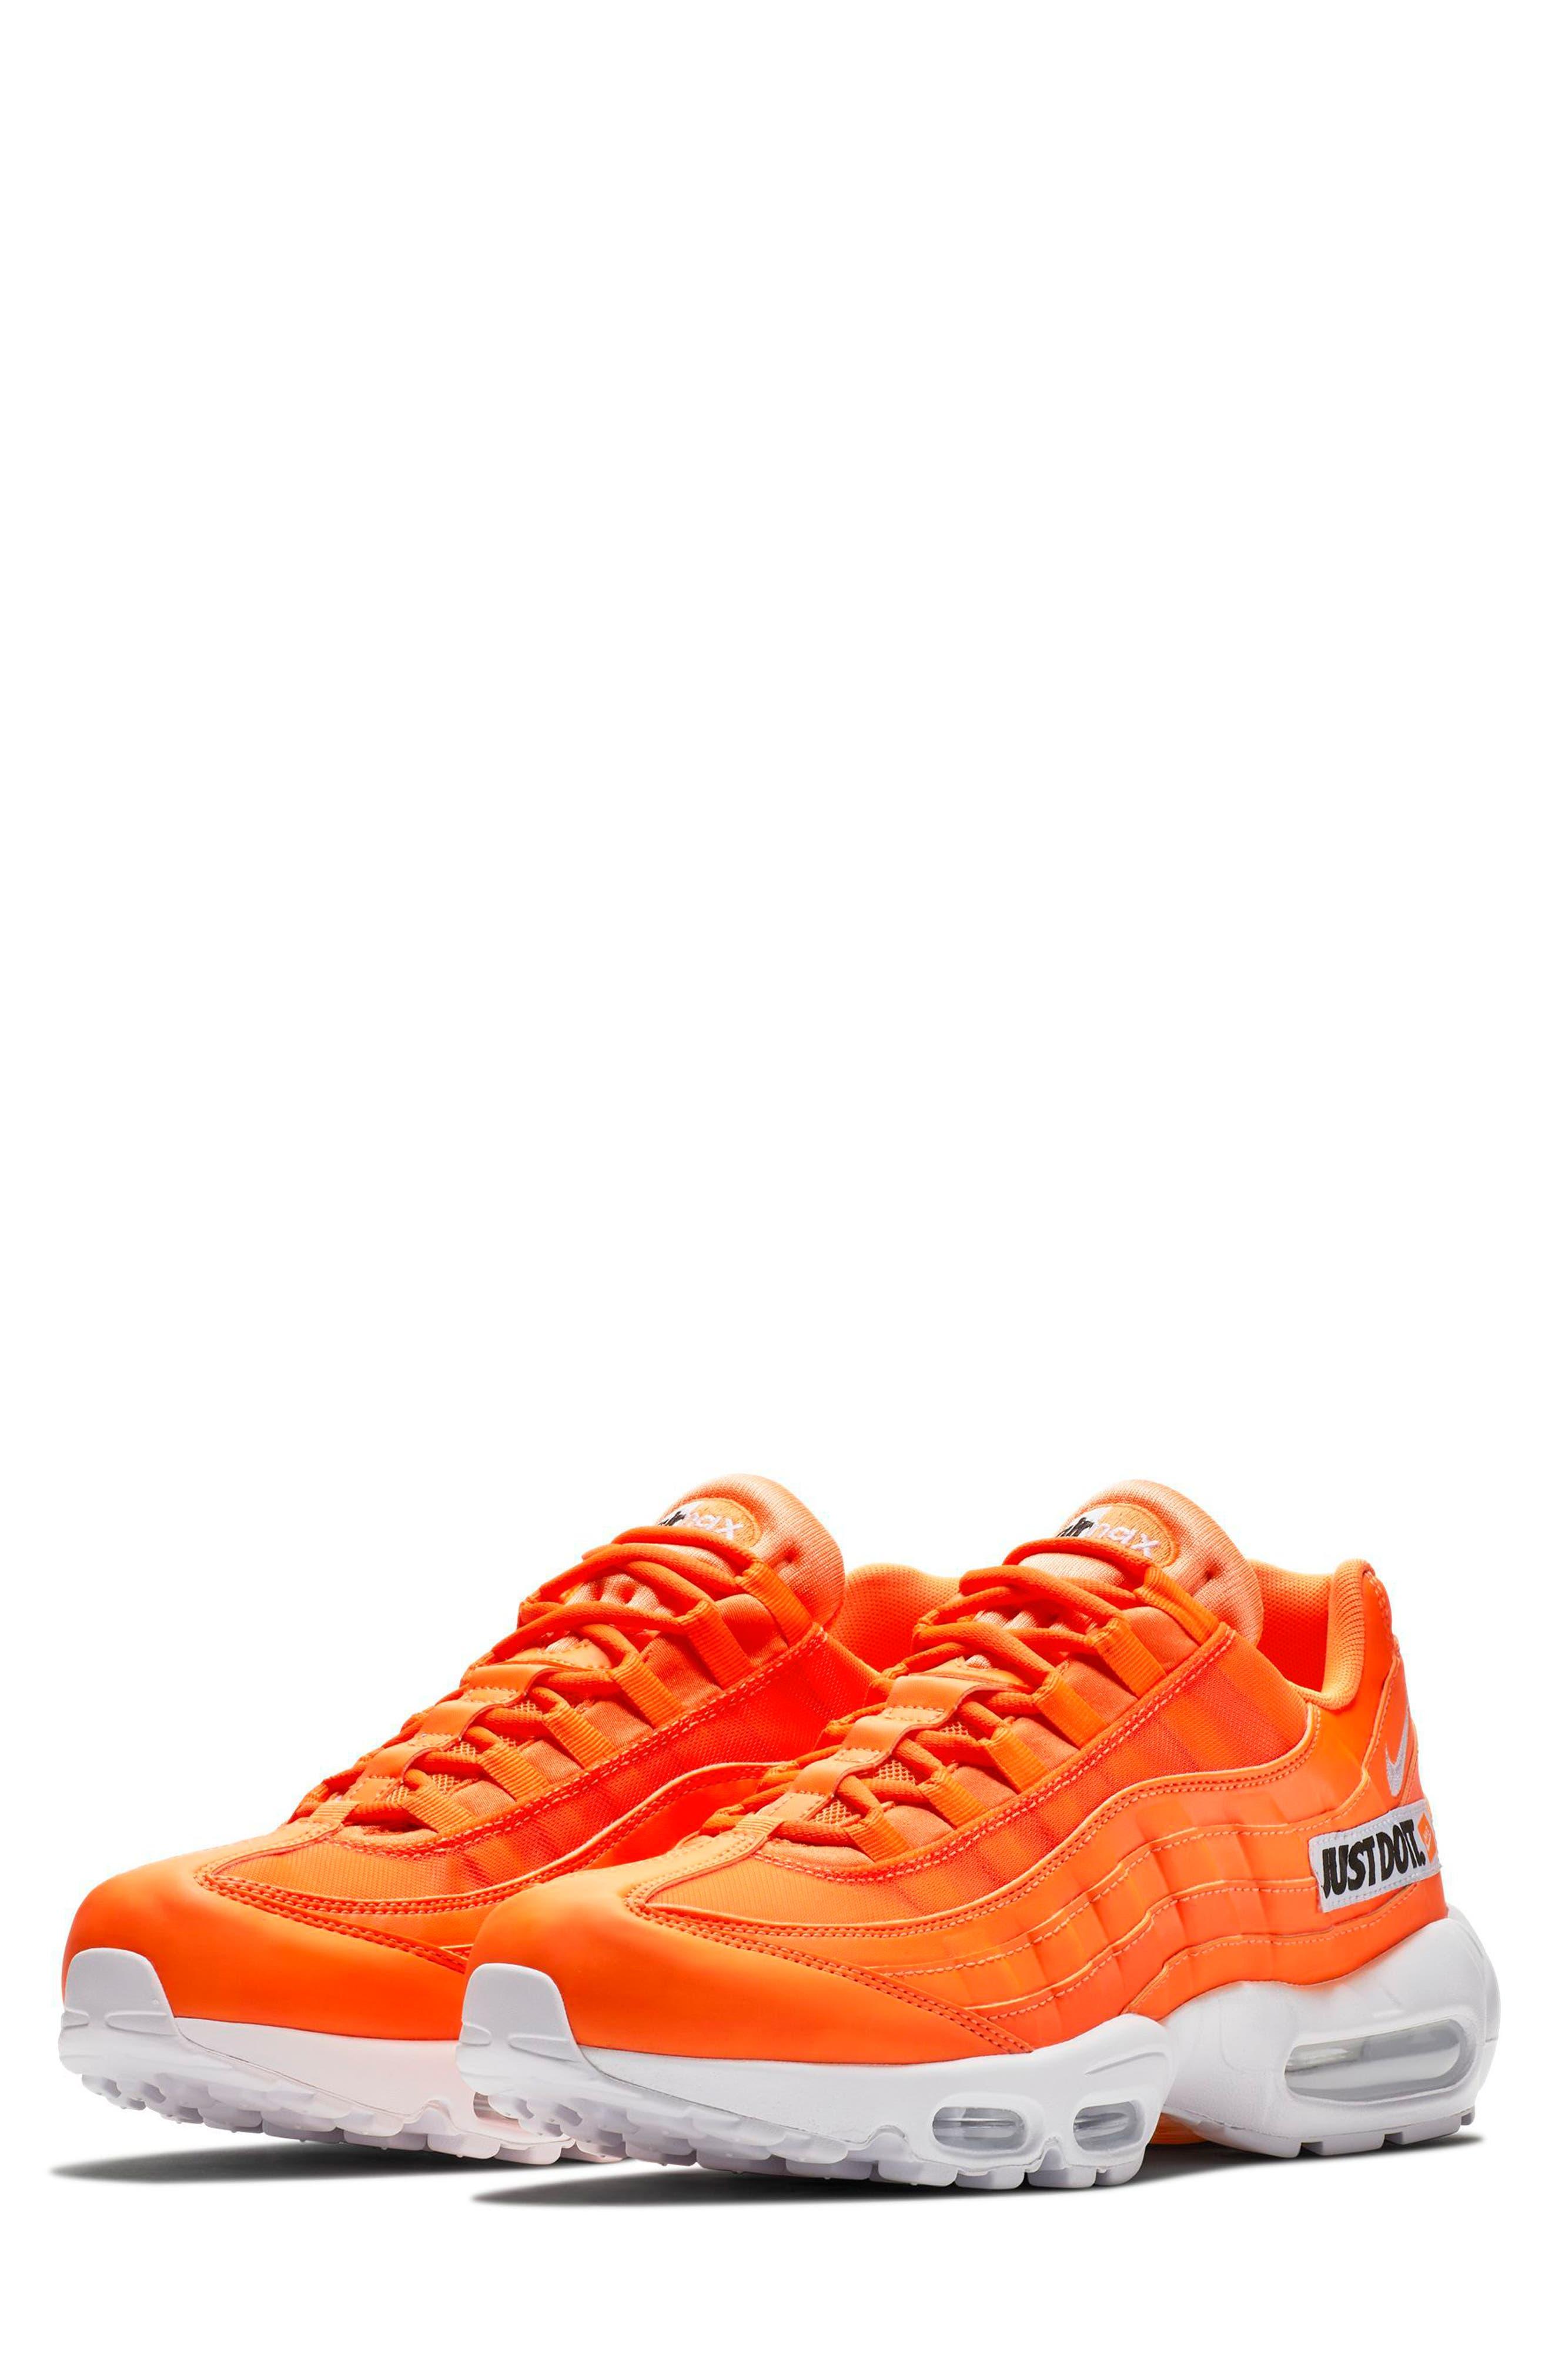 promo code 7352e 0f19f ... spain air max 95 se running shoe main 22758 94a07